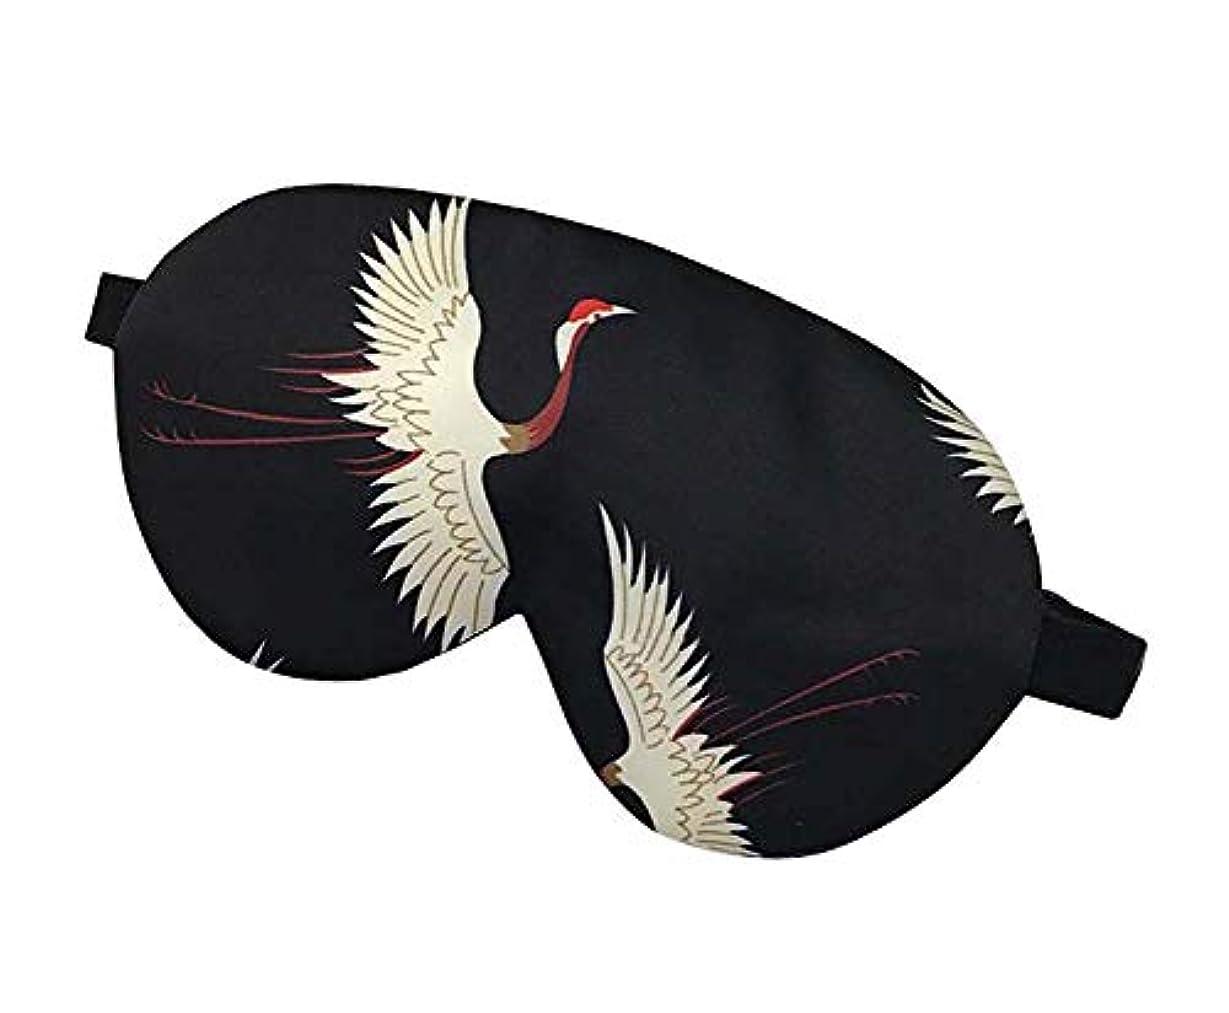 チャンピオンシップ制約変装模造シルクスリープマスク快適な目隠しアイマスク調整可能、赤戴冠クレーン